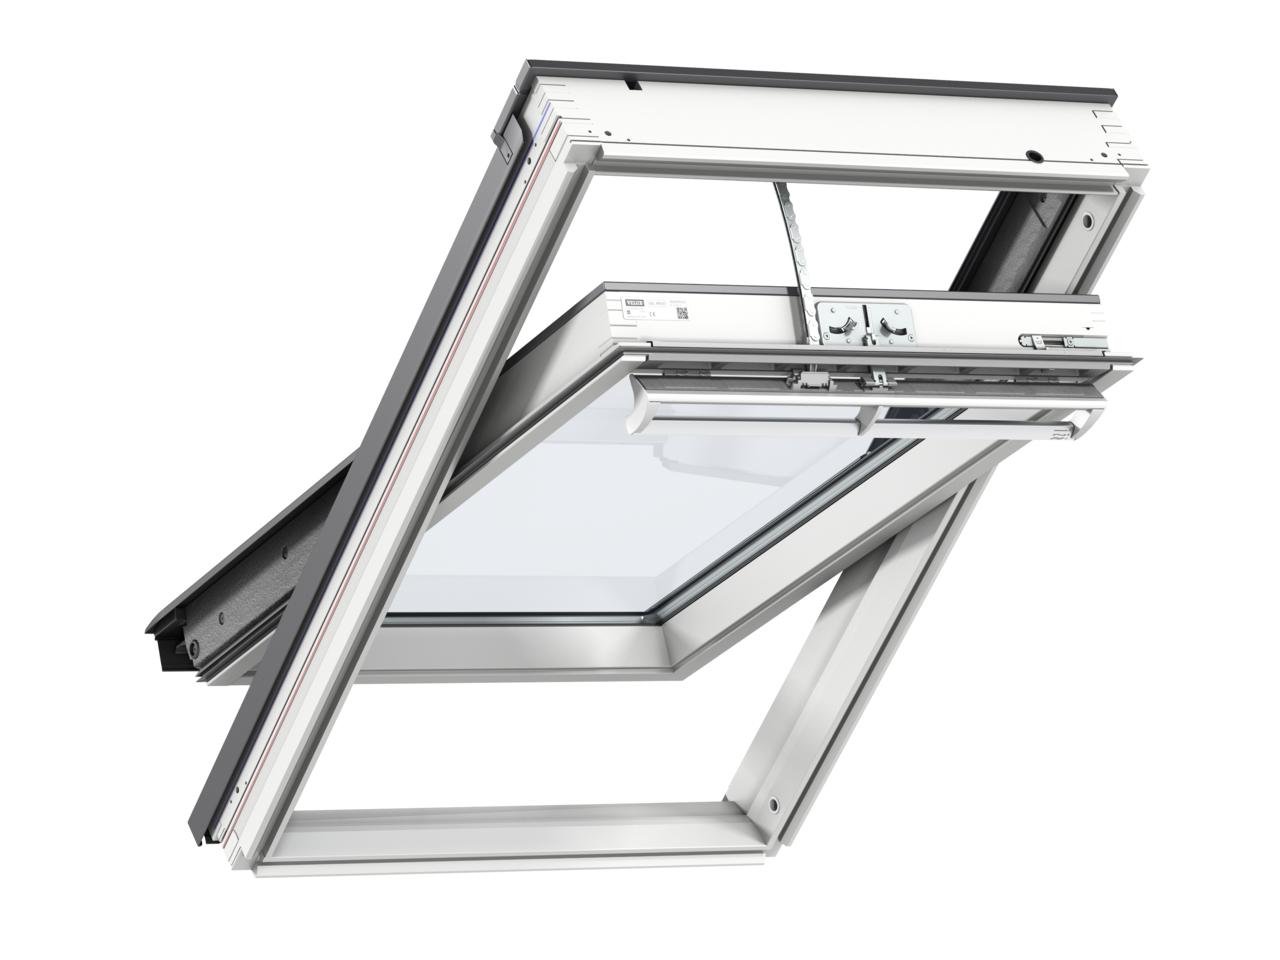 Istruzioni finestre per tetti velux come fare for Finestre velux istruzioni telecomando